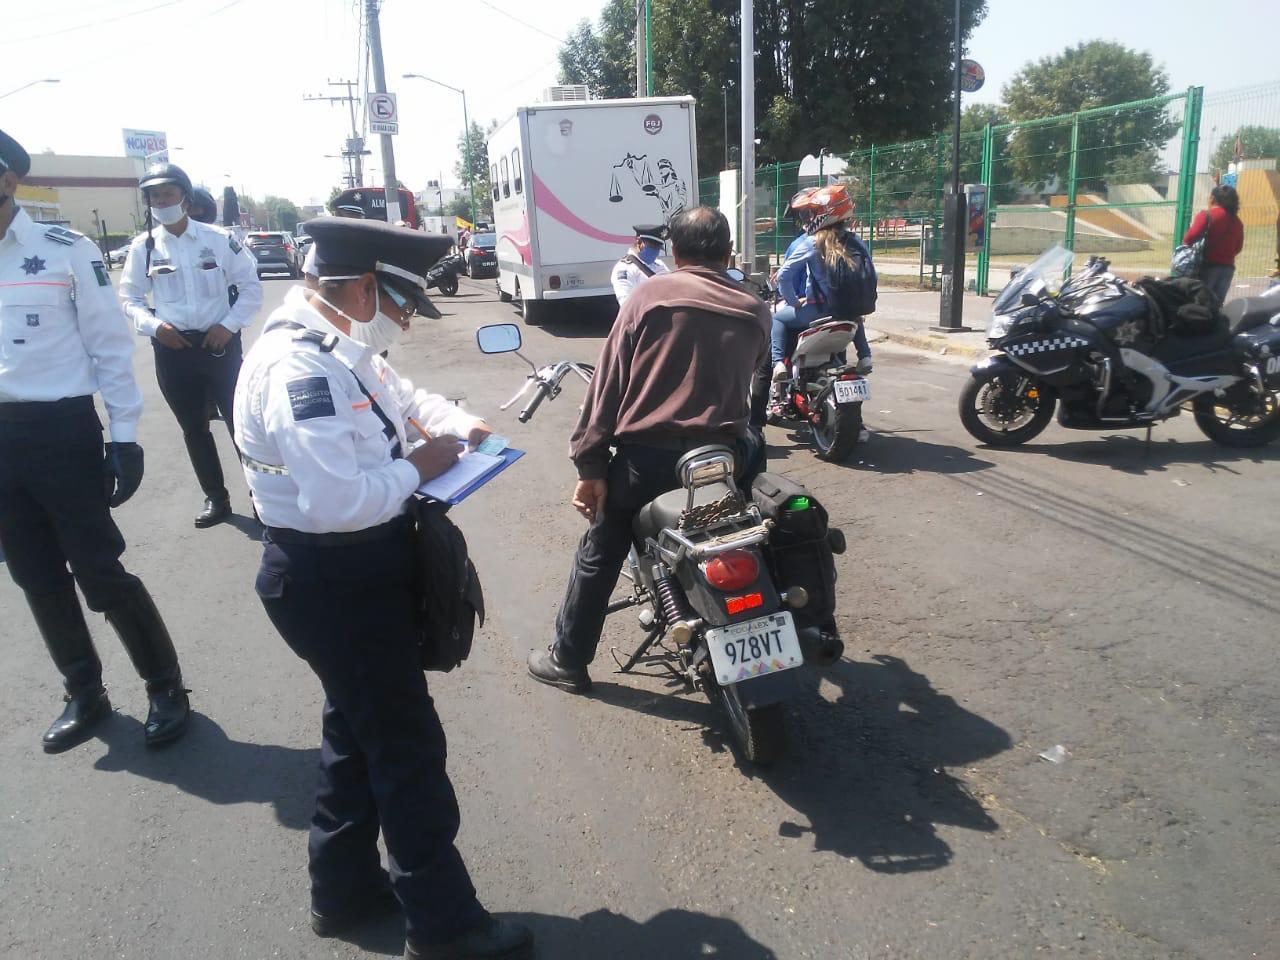 Proponen ley para registro y emplacamiento obligatorio de motocicletas debido a alto incide de robos y delitos en el Edomex.